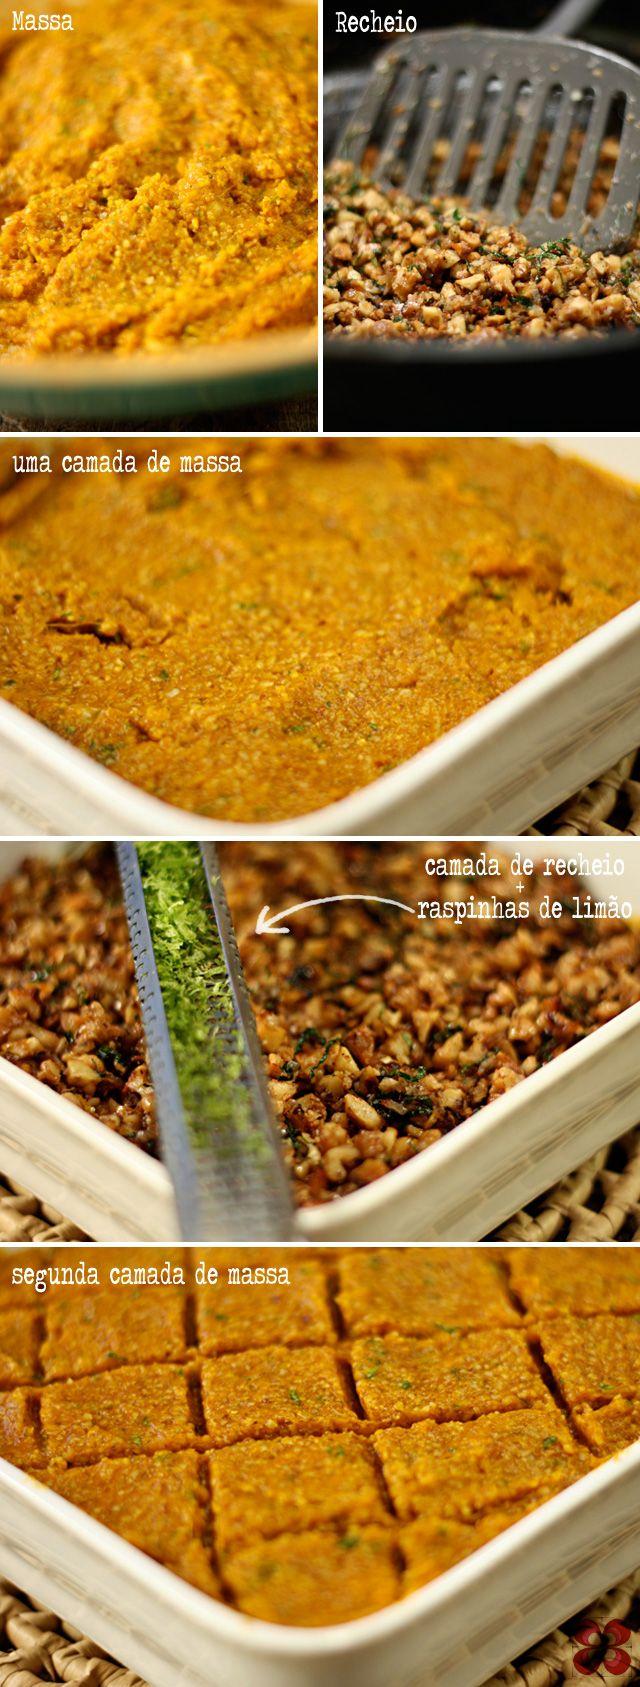 montagem-kibe-vegano-de-abobora-com-nozes-(leticia-massula-para-cozinha-da-matilde)